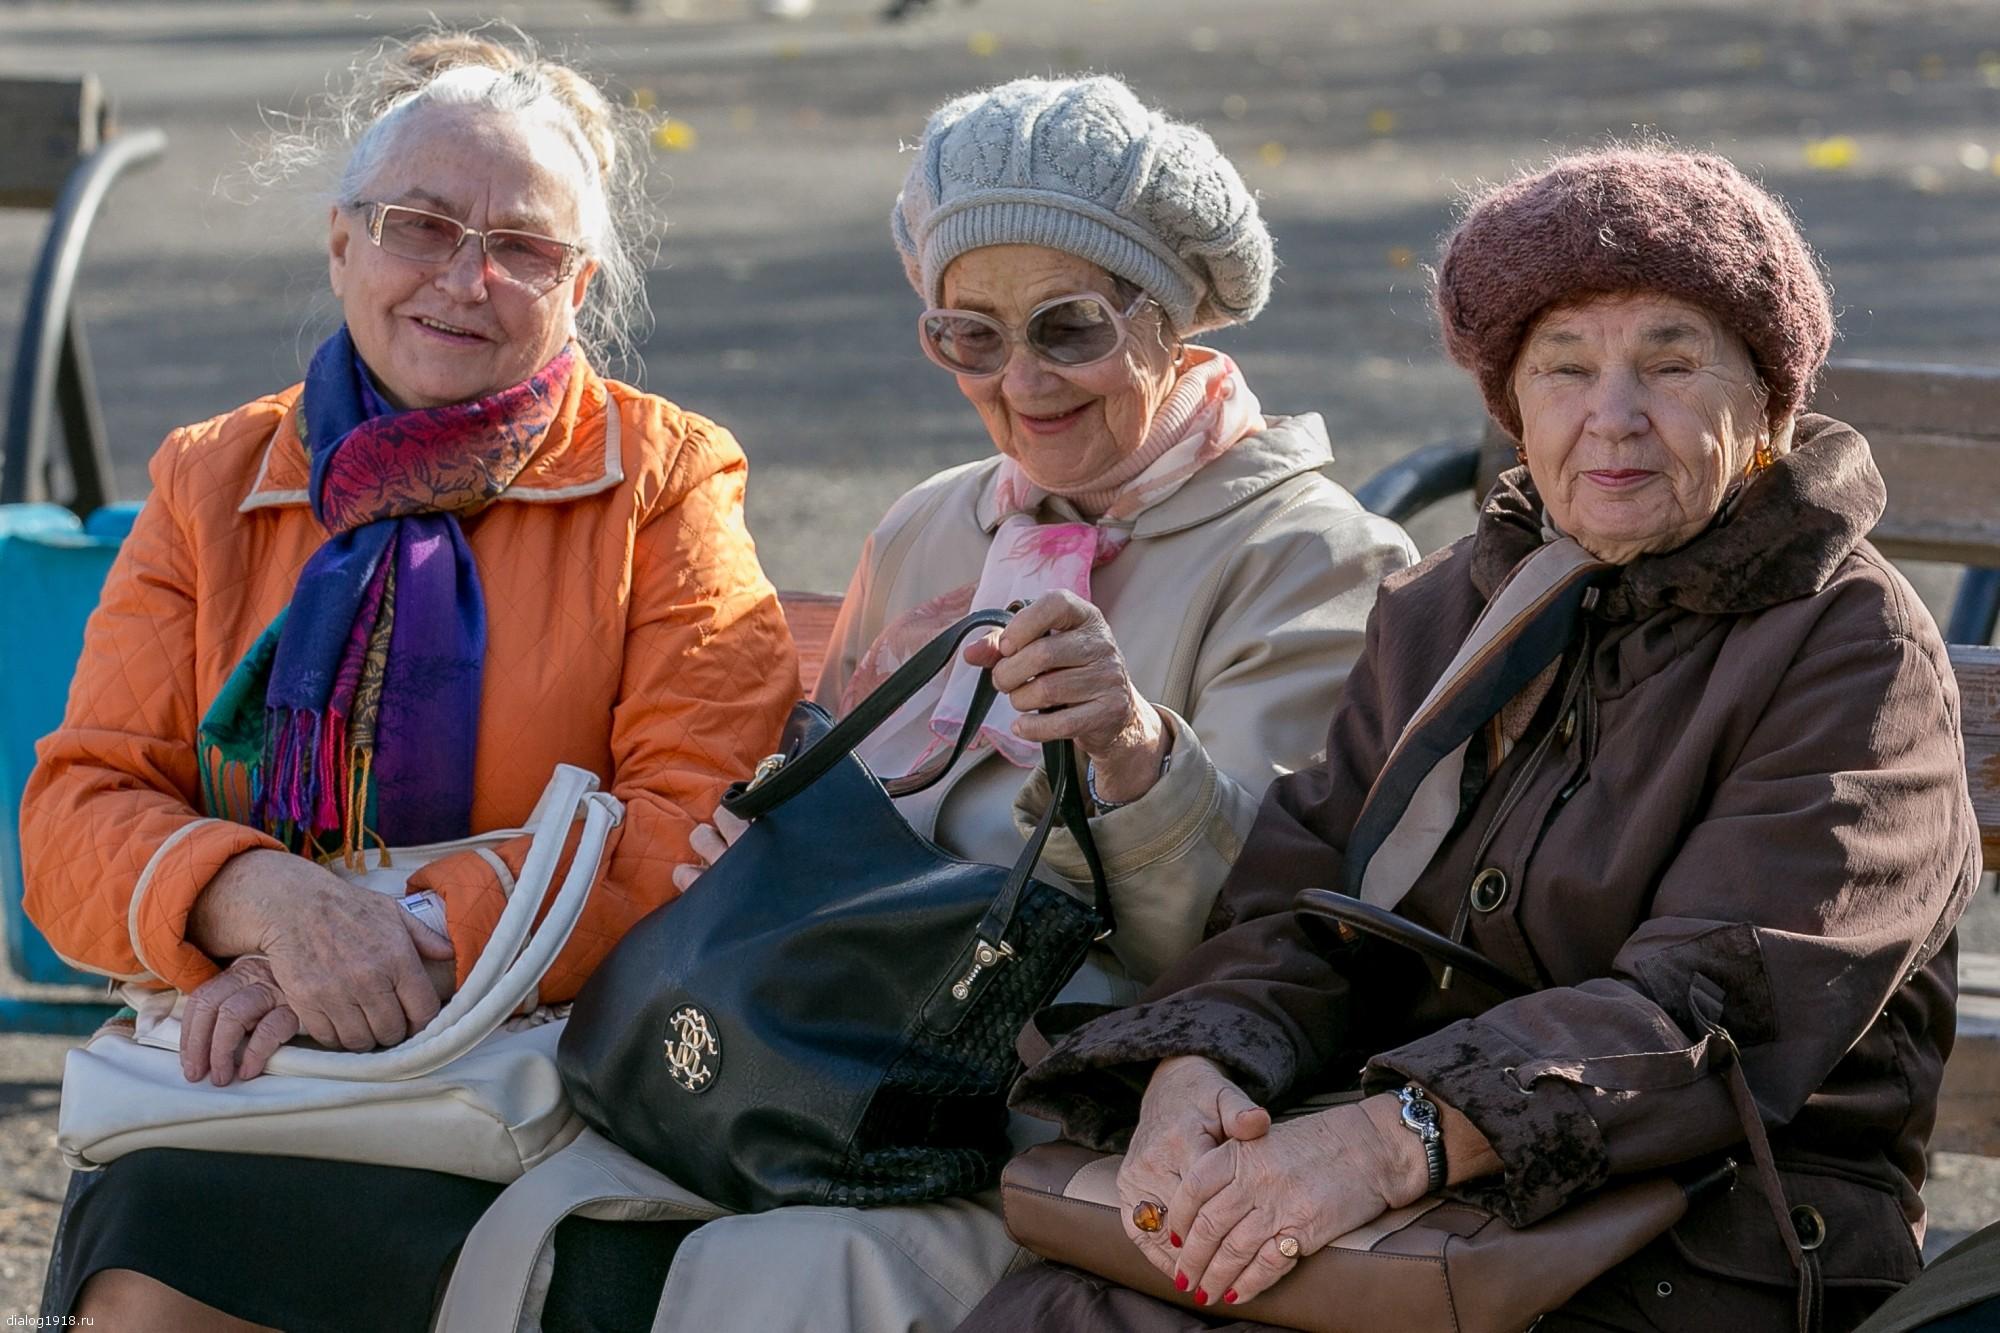 Разработана новая пенсионная реформа при участии негосударственных фондов